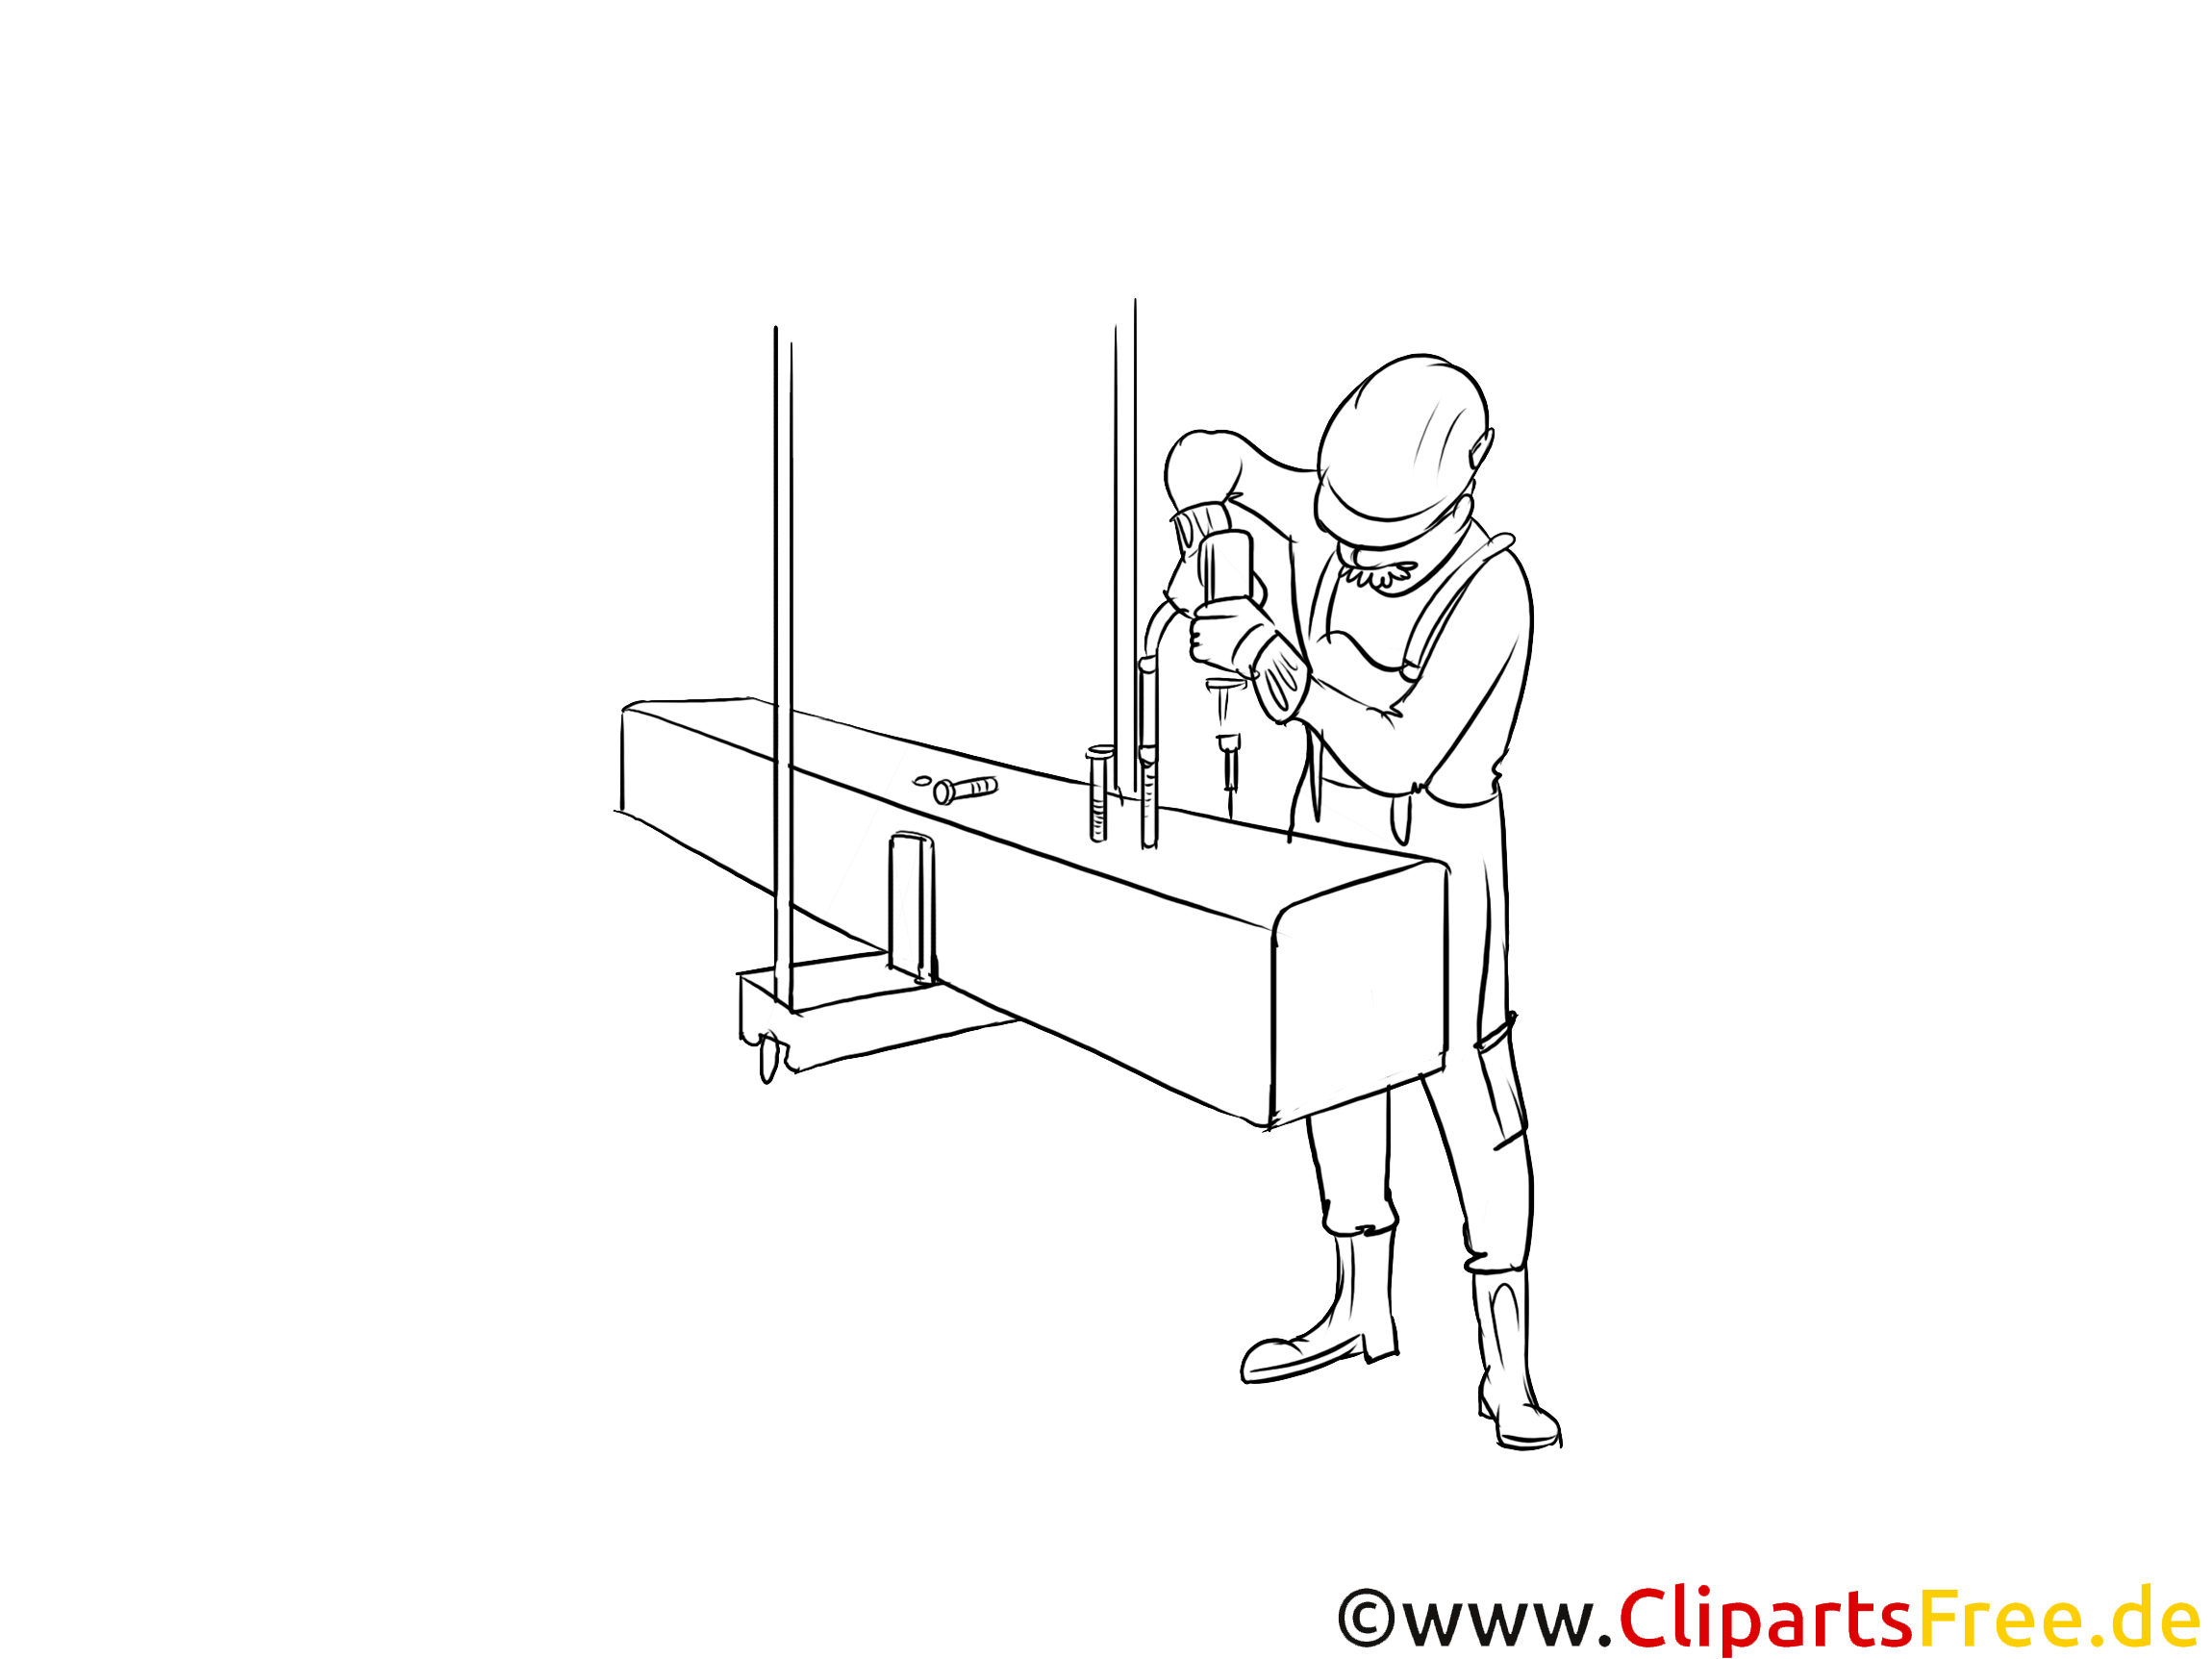 Konstruktionsmechaniker Clipart schwarz weiß zum Thema Ausbildungsberufe